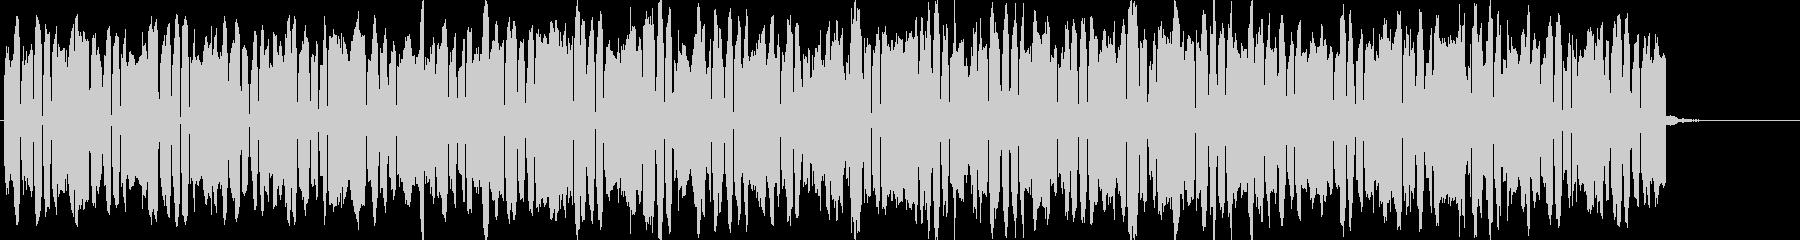 準備シーン向きメタルギターBGMの未再生の波形